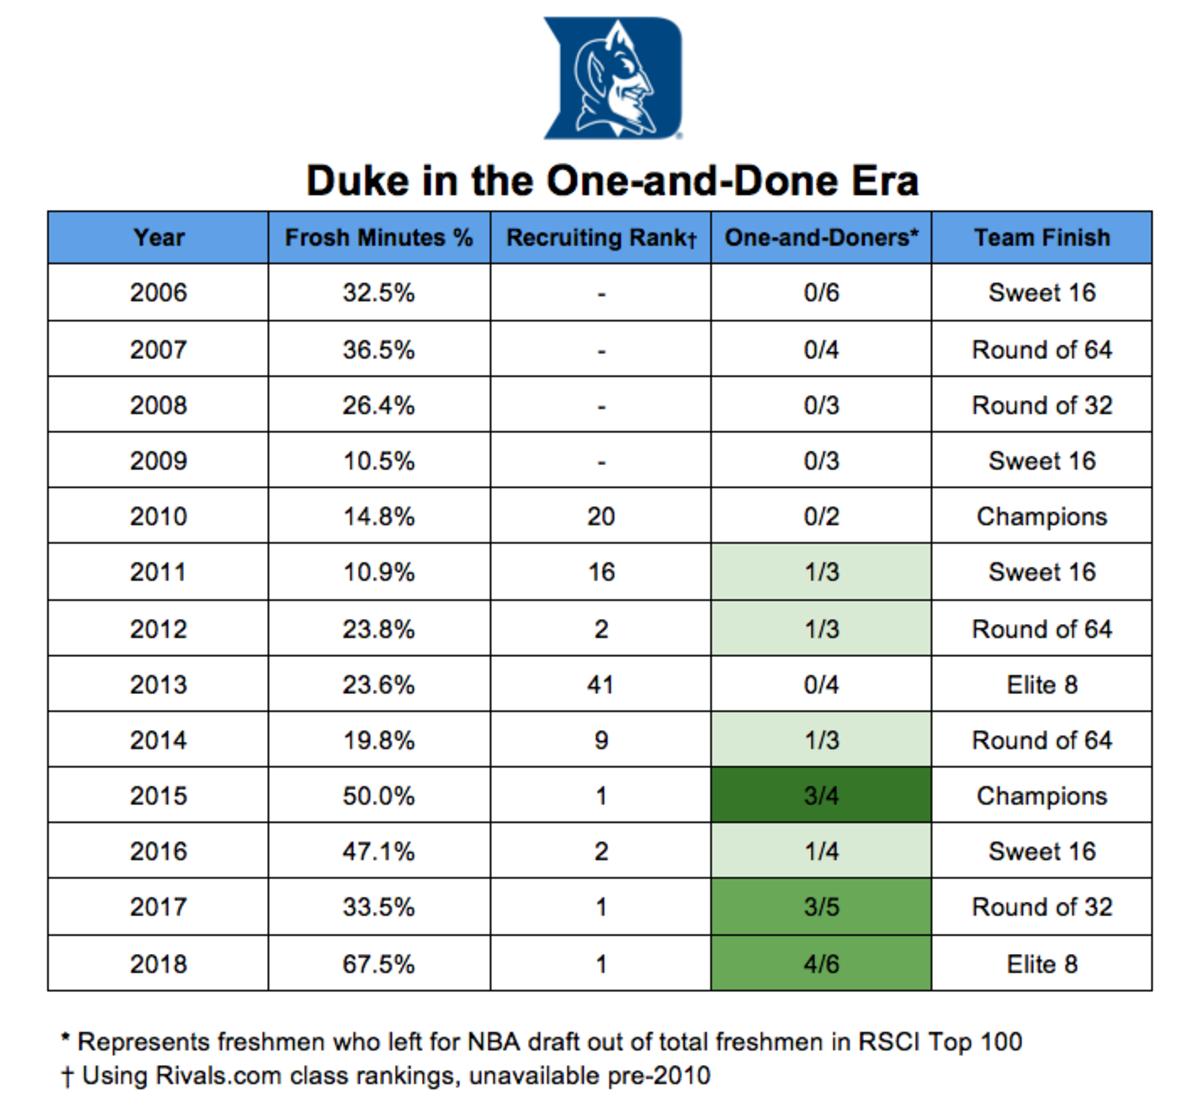 duke-coach-k-recruiting-chart.png